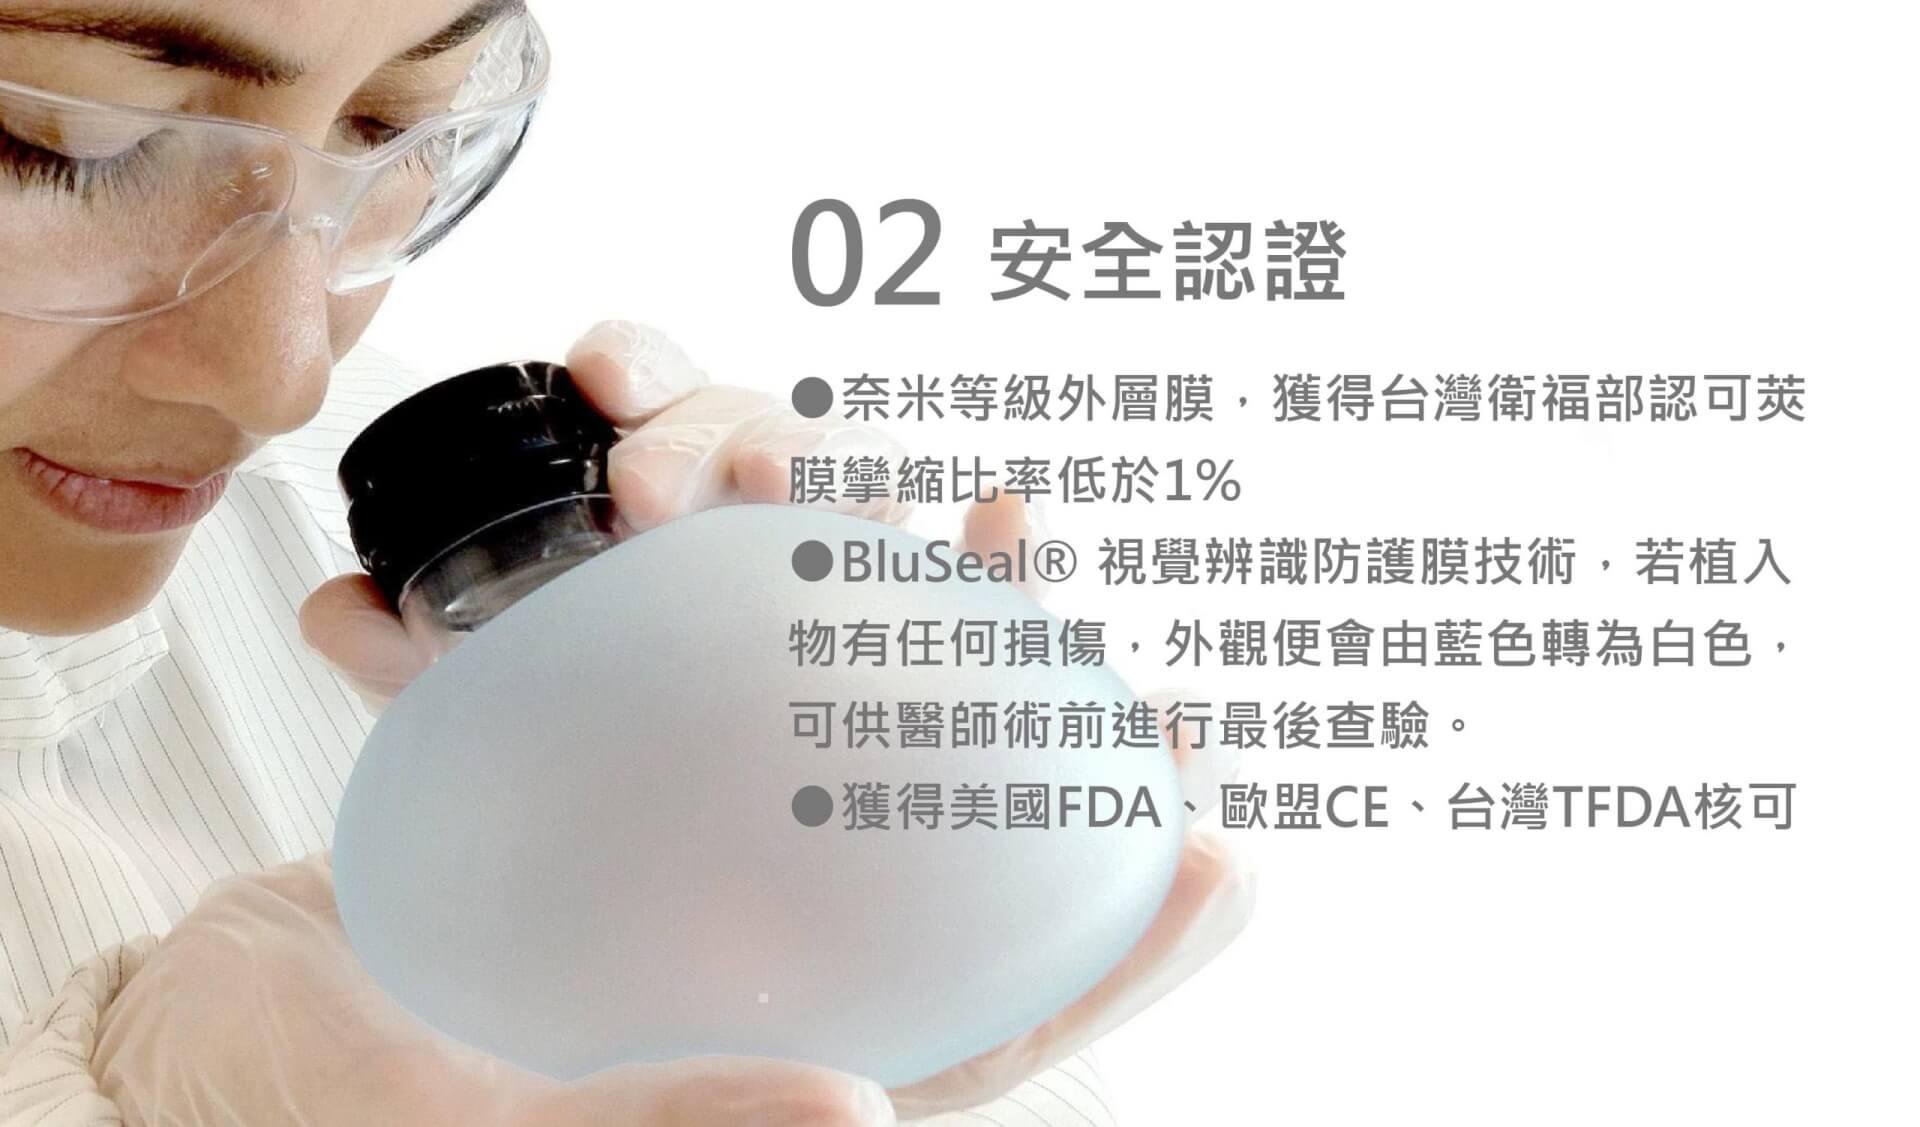 安全認證 ●奈米等級外層膜,獲得台灣衛服部認可莢膜攣縮比率低於1% ●BluSeal® 視覺辨識防護膜技術,若植入物有任何損傷,外觀便會由藍色轉為白色,可供醫師術前進行最後查驗。 ●獲得美國FDA、歐盟CE、台灣TFDA核可